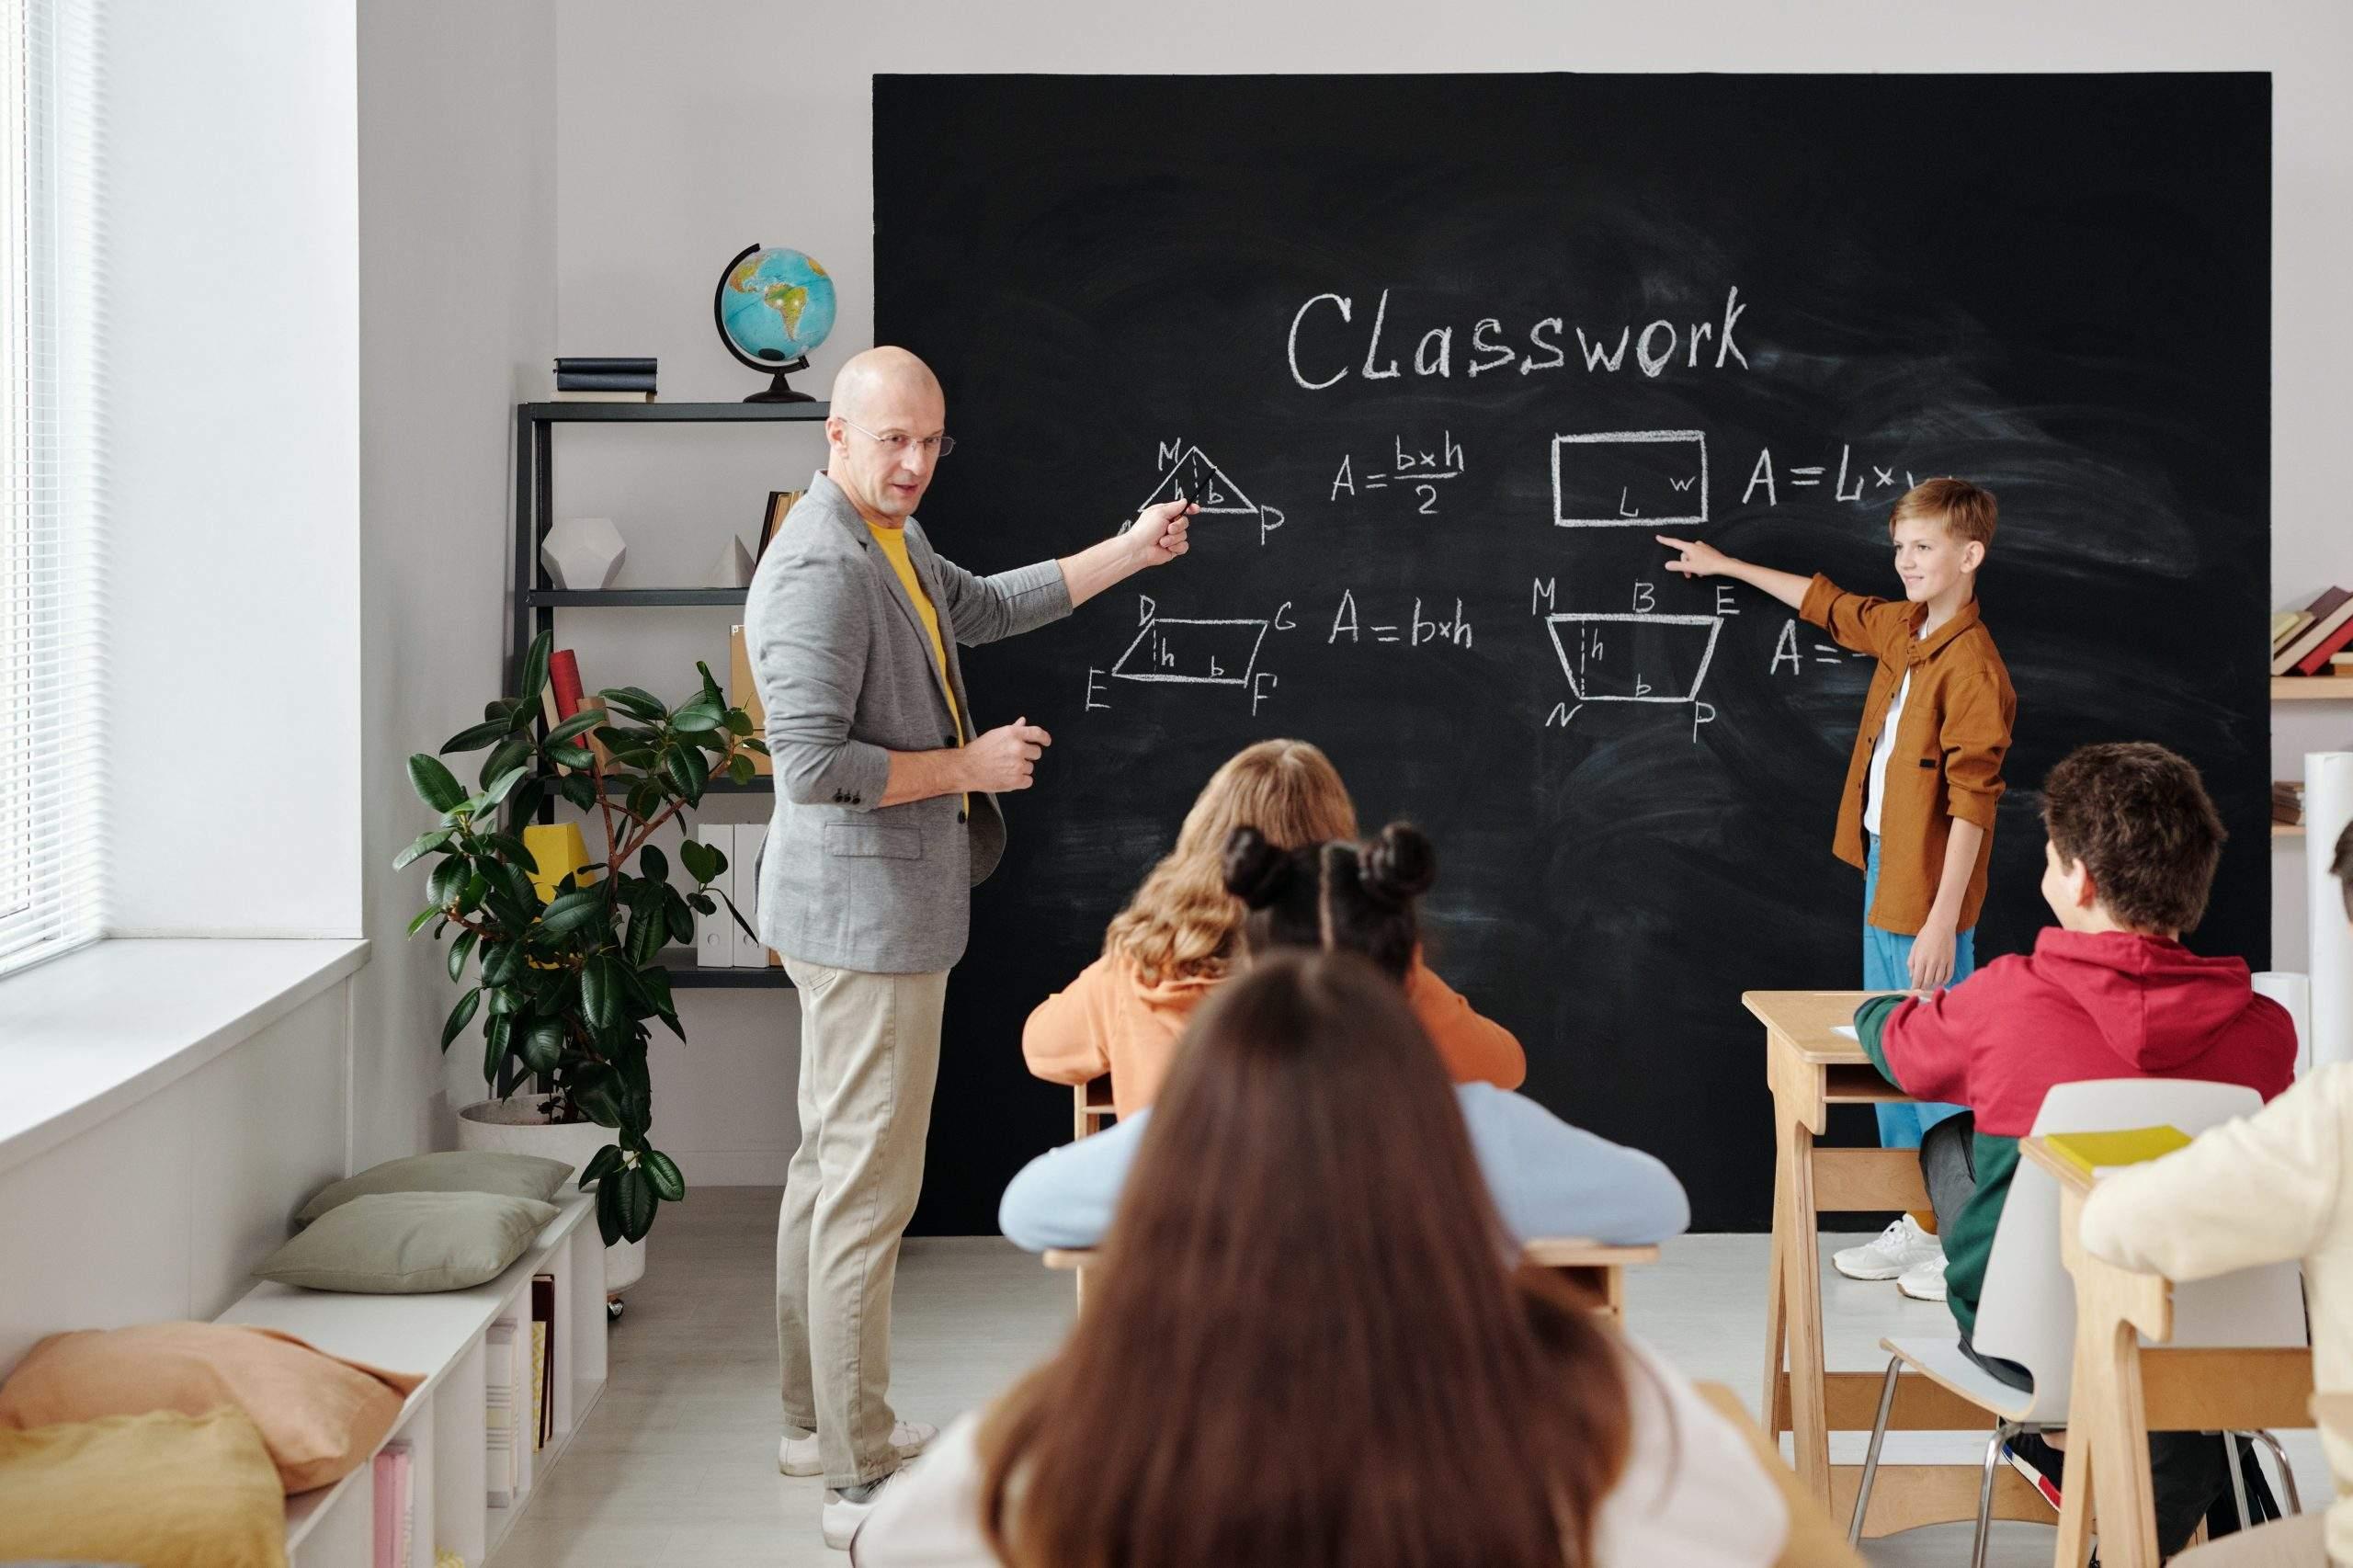 Dzieci wracają do szkół – rodzice powinni się zaszczepić w trosce o ich bezpieczeństwo